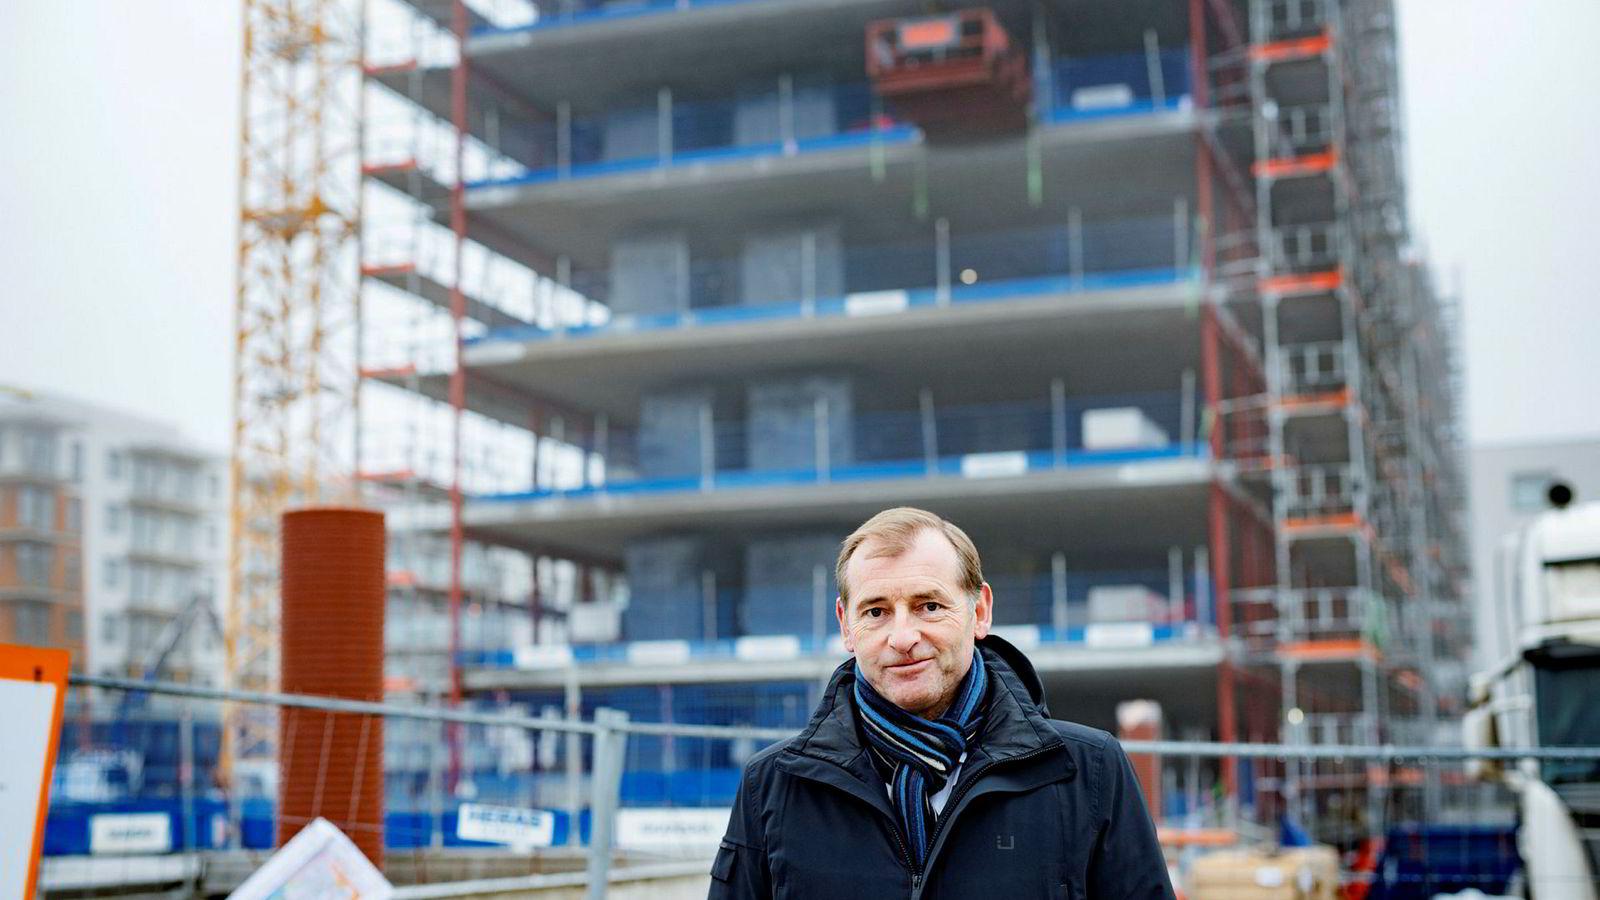 Administrerende direktør Carl O. Geving i Norges Eiendomsmeglerforbund mener det ligger an til «ubehagelig høy prisvekst» i boligmarkedet i Oslo også i år.